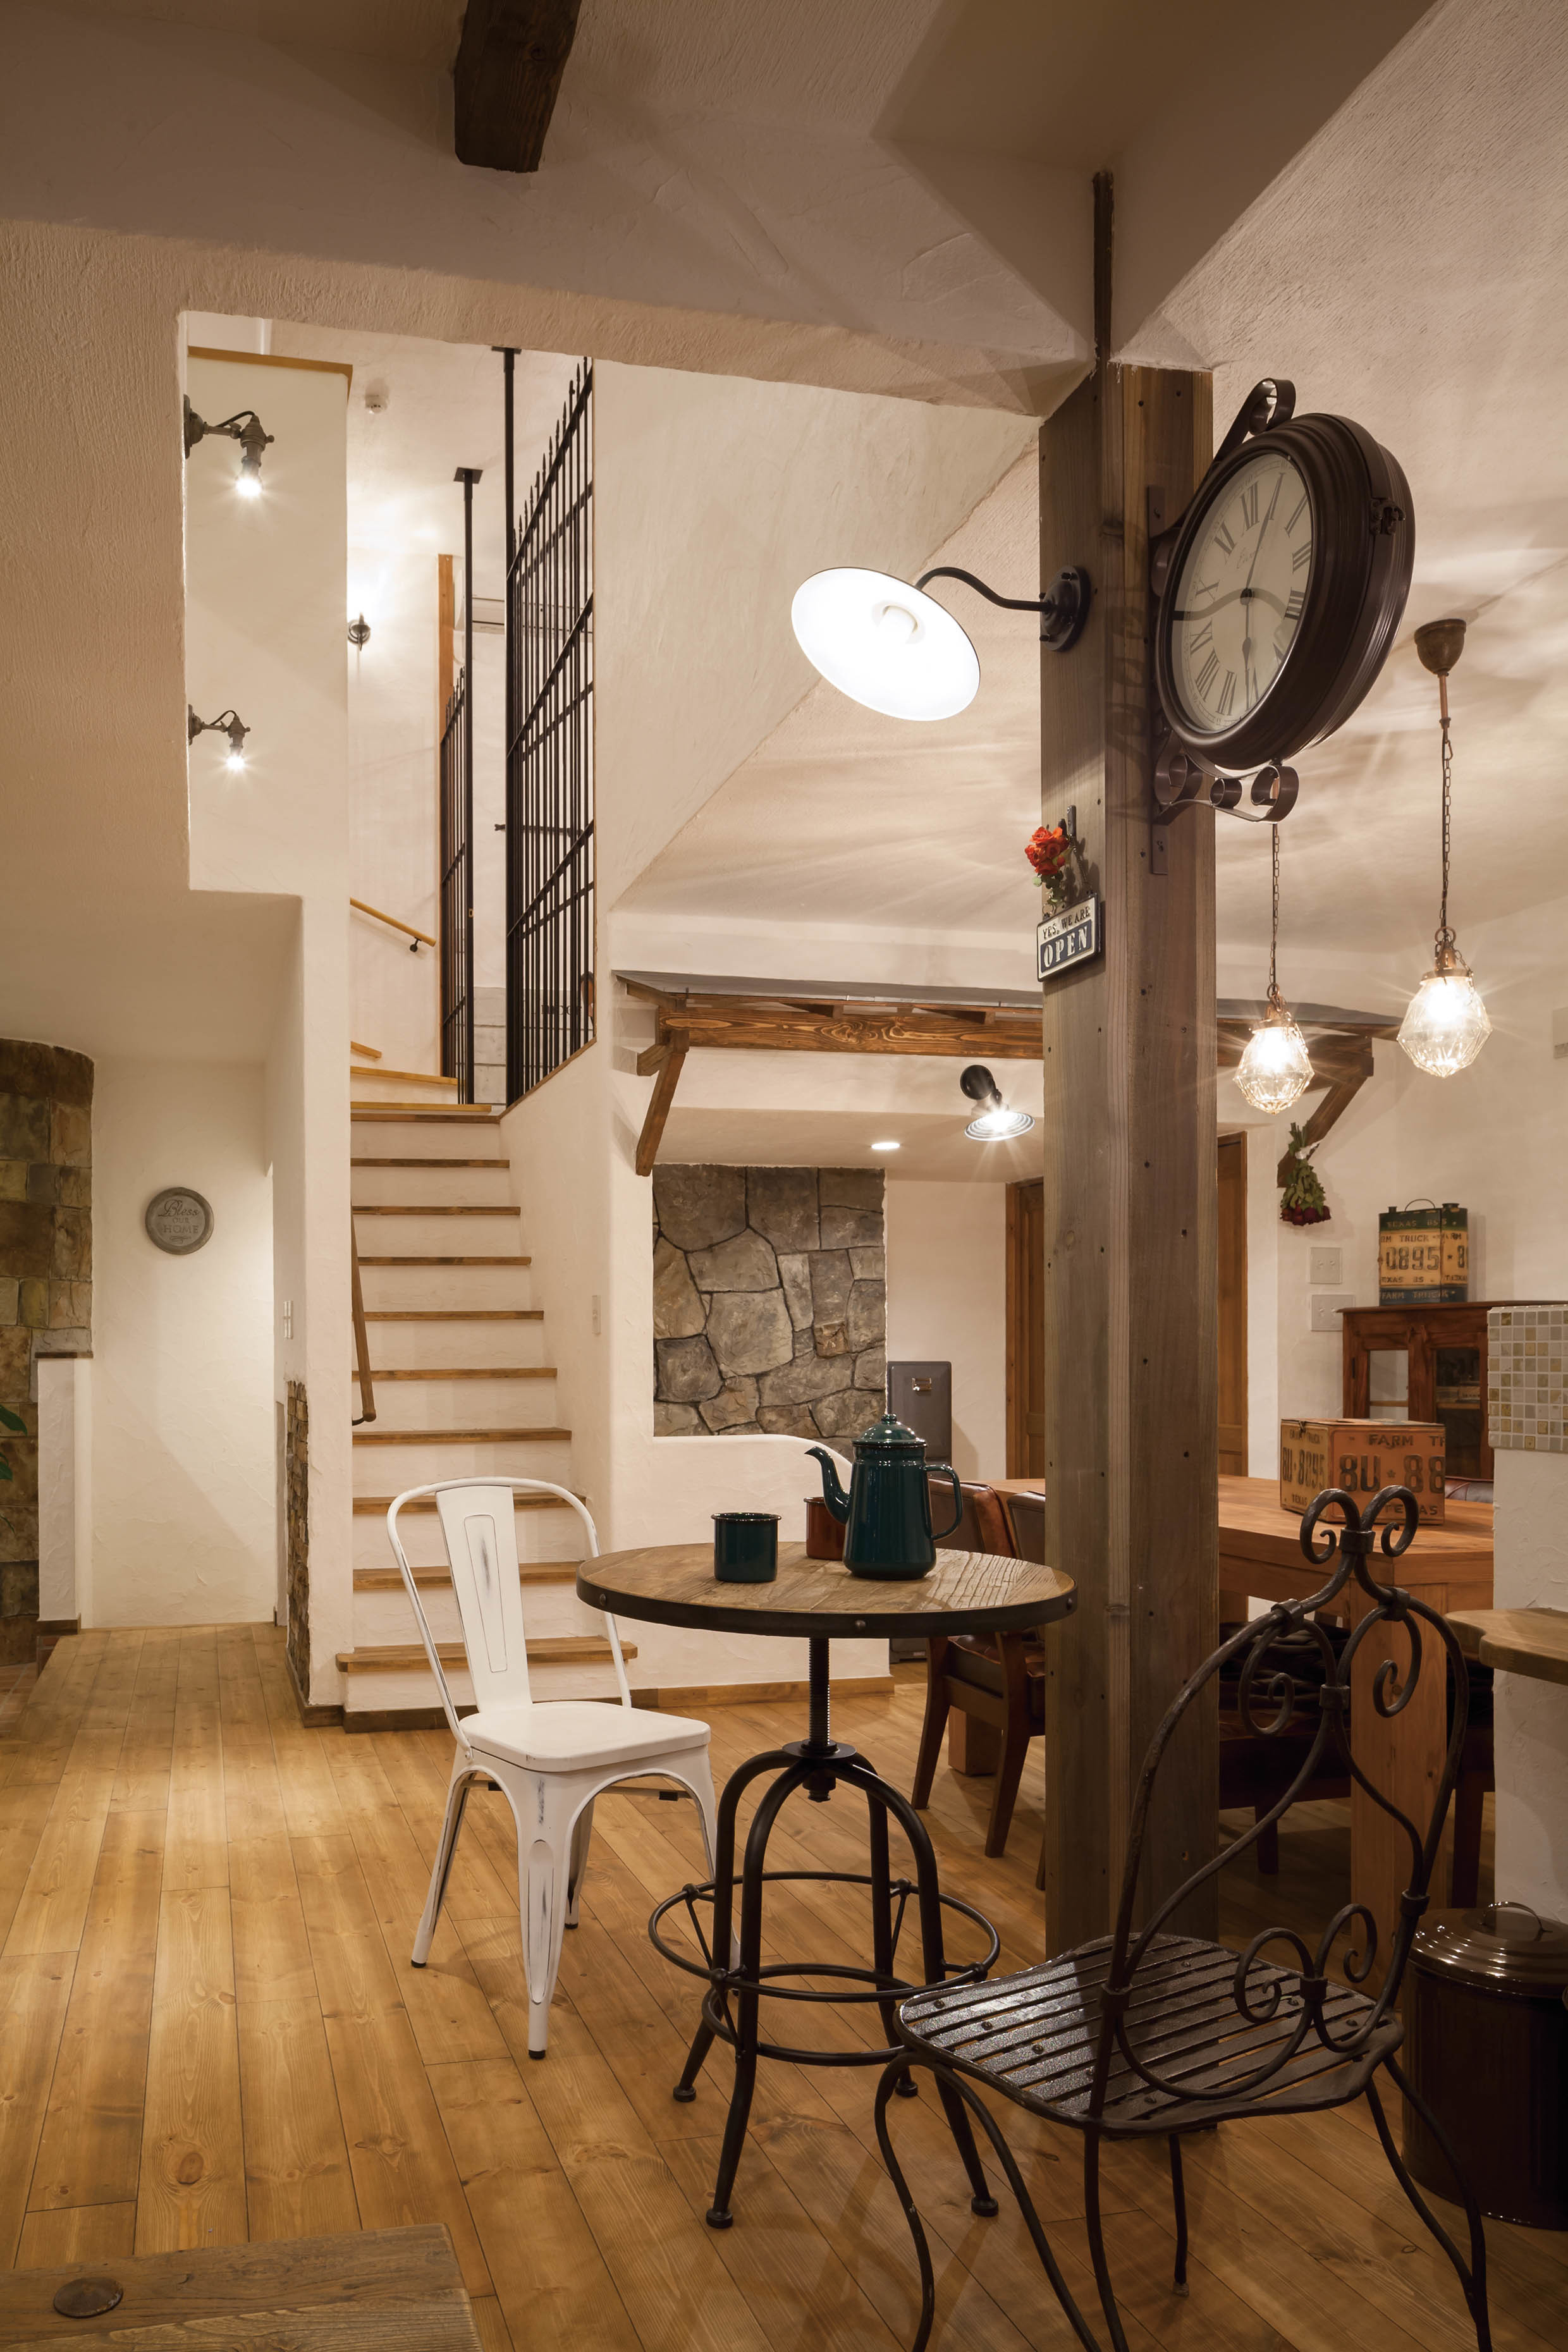 『ダルトン』の家具やインテリアに囲まれたオシャレな空間